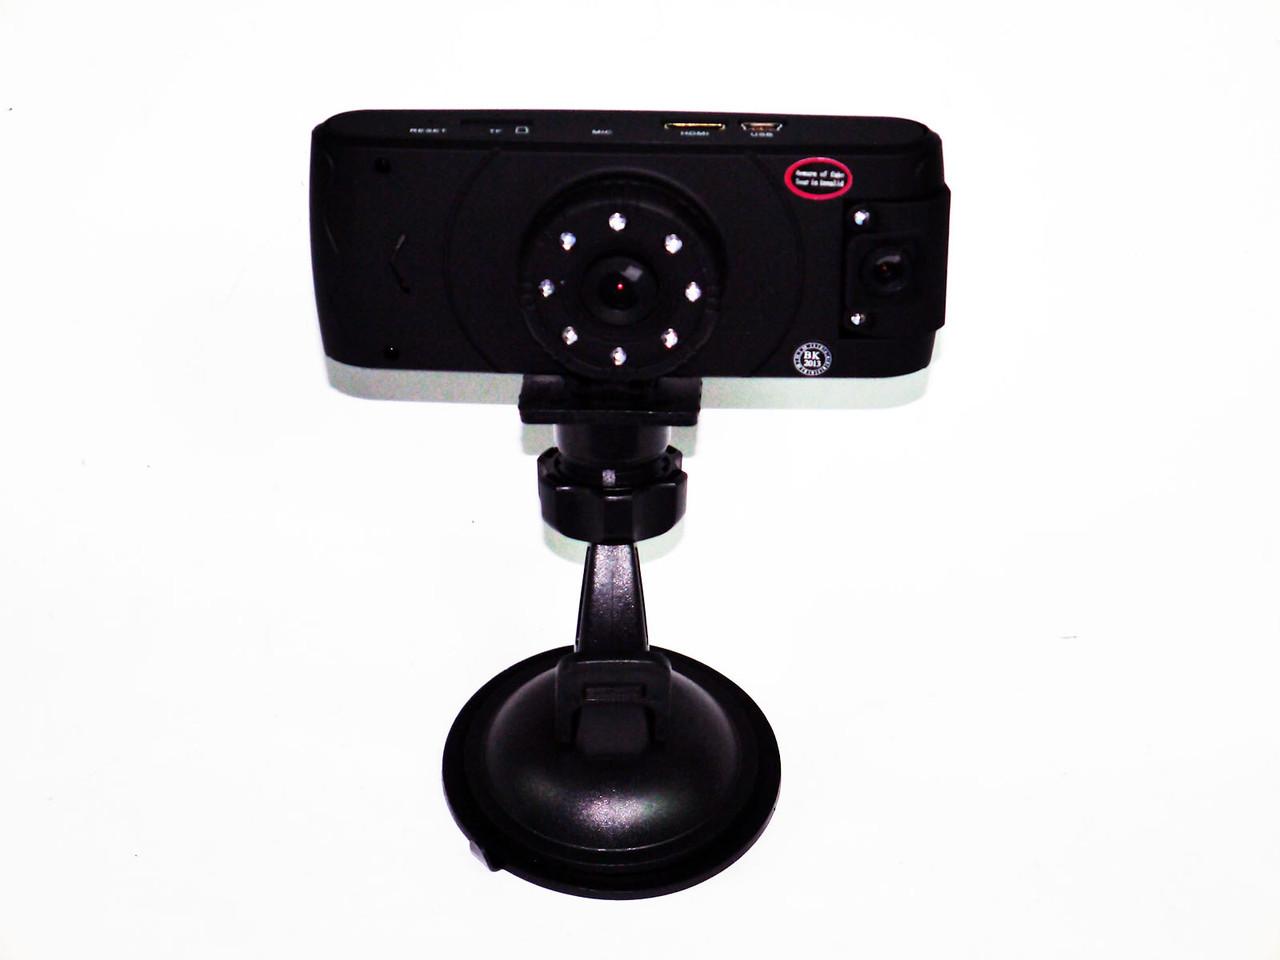 Відеореєстратор DVR H3000 / X6 5MPX +2 Камери